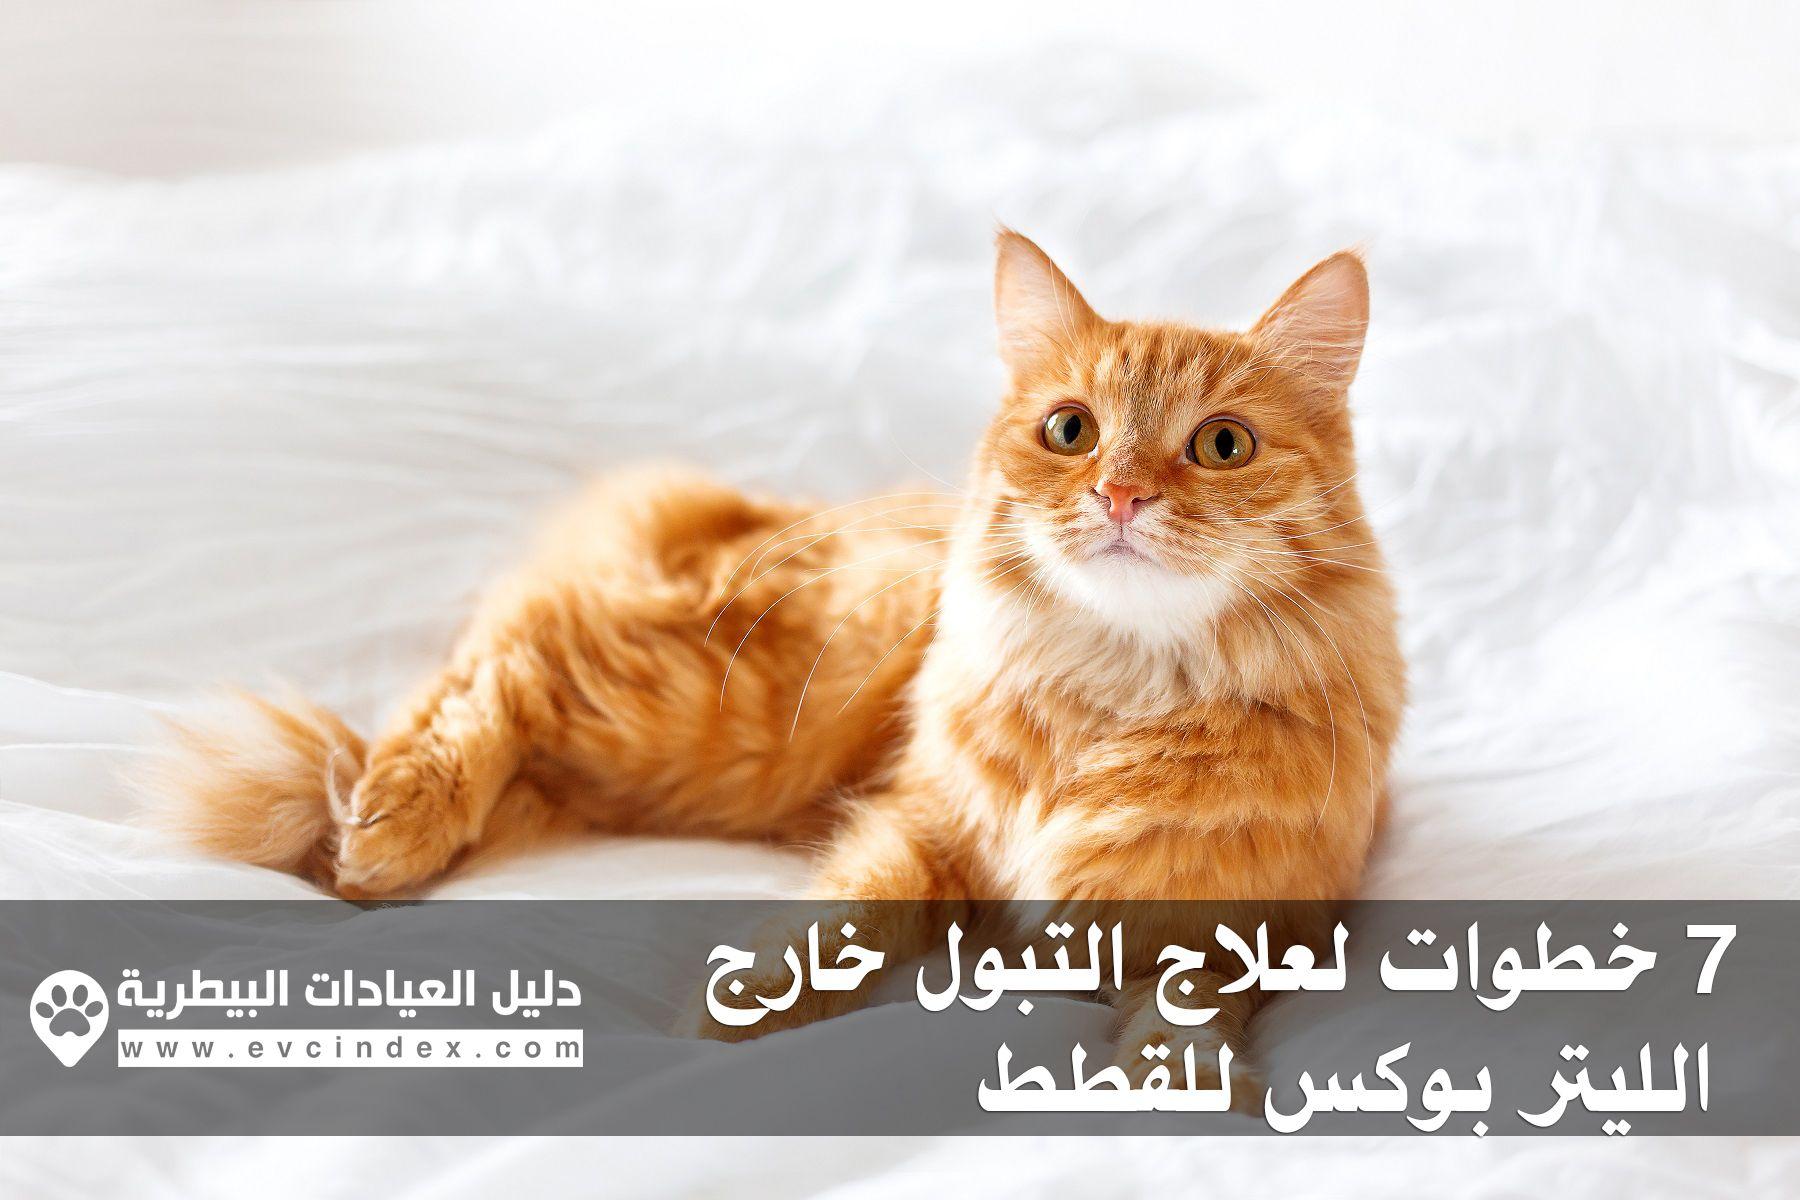 7 خطوات لعلاج التبول خارج الليتر بوكس للقطط Cat pee, Cat